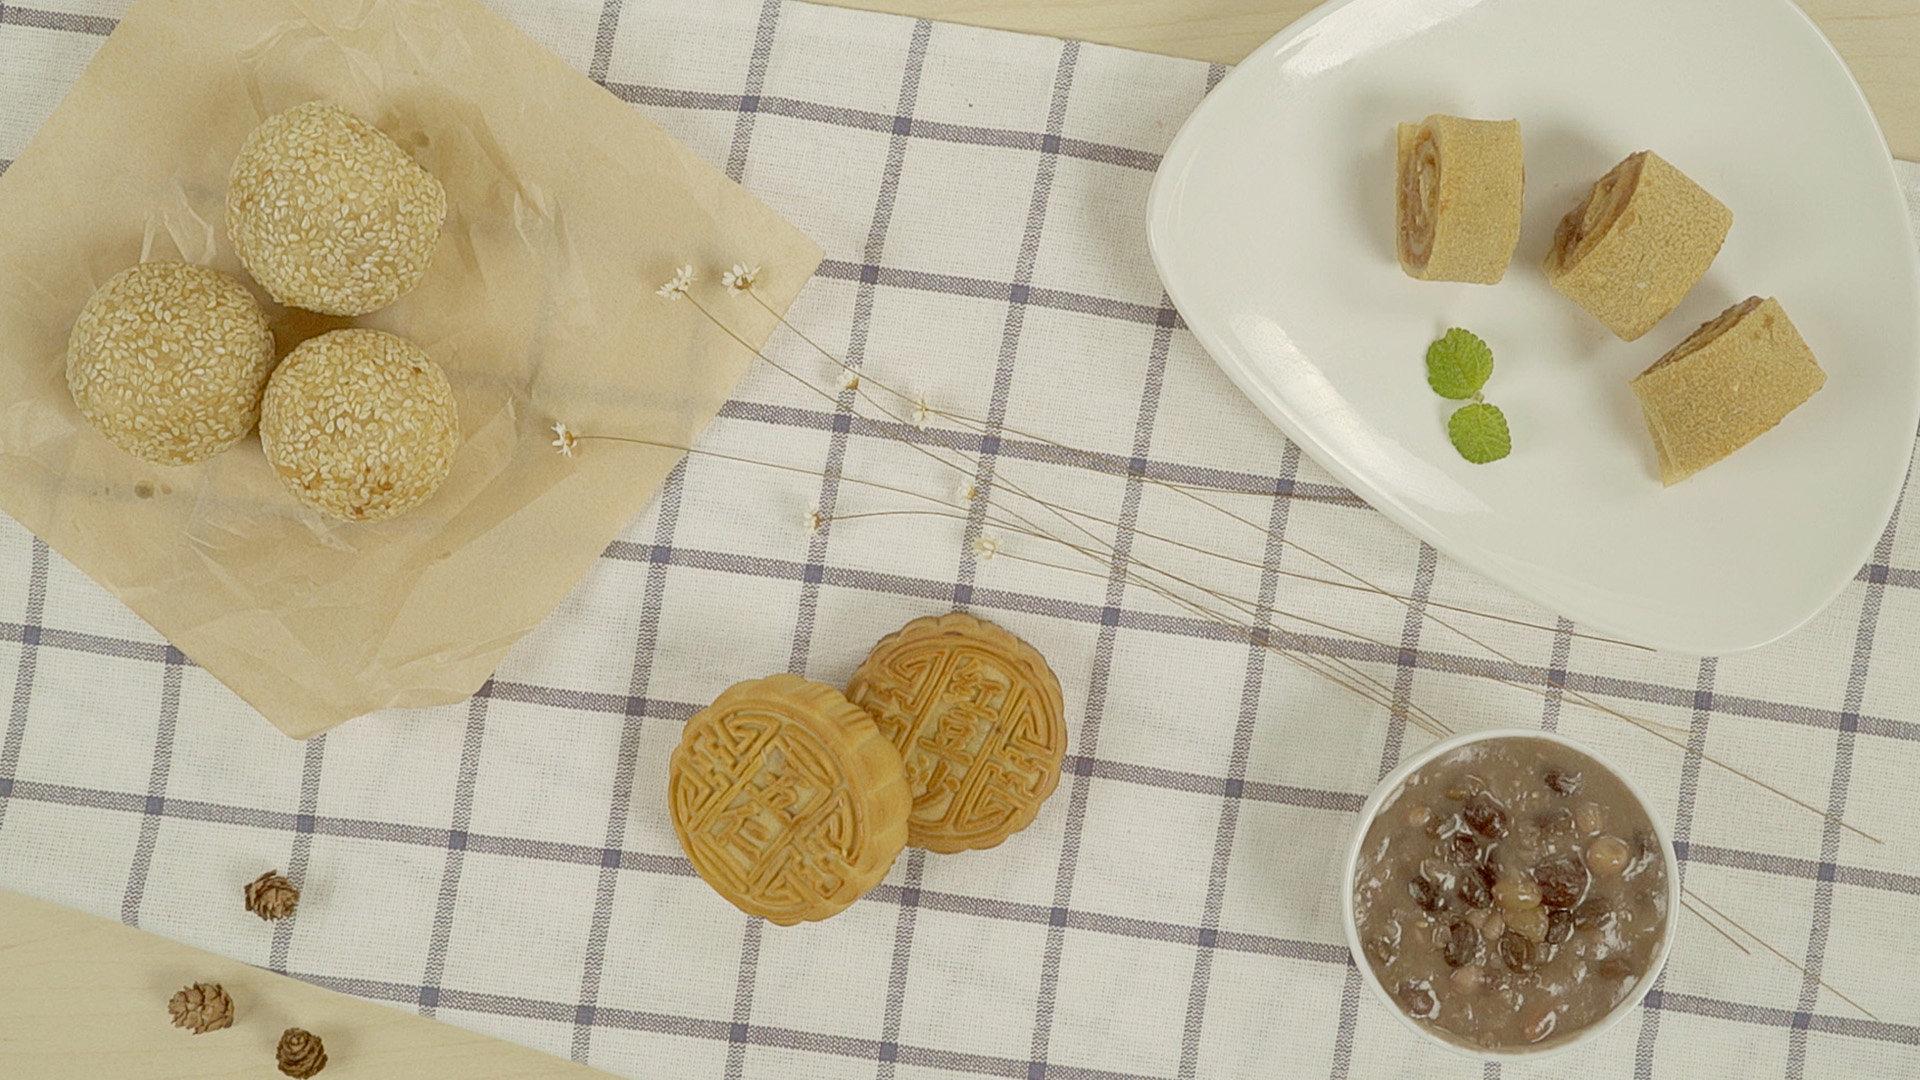 月饼的3种新奇吃法,开发月饼的无限潜能!